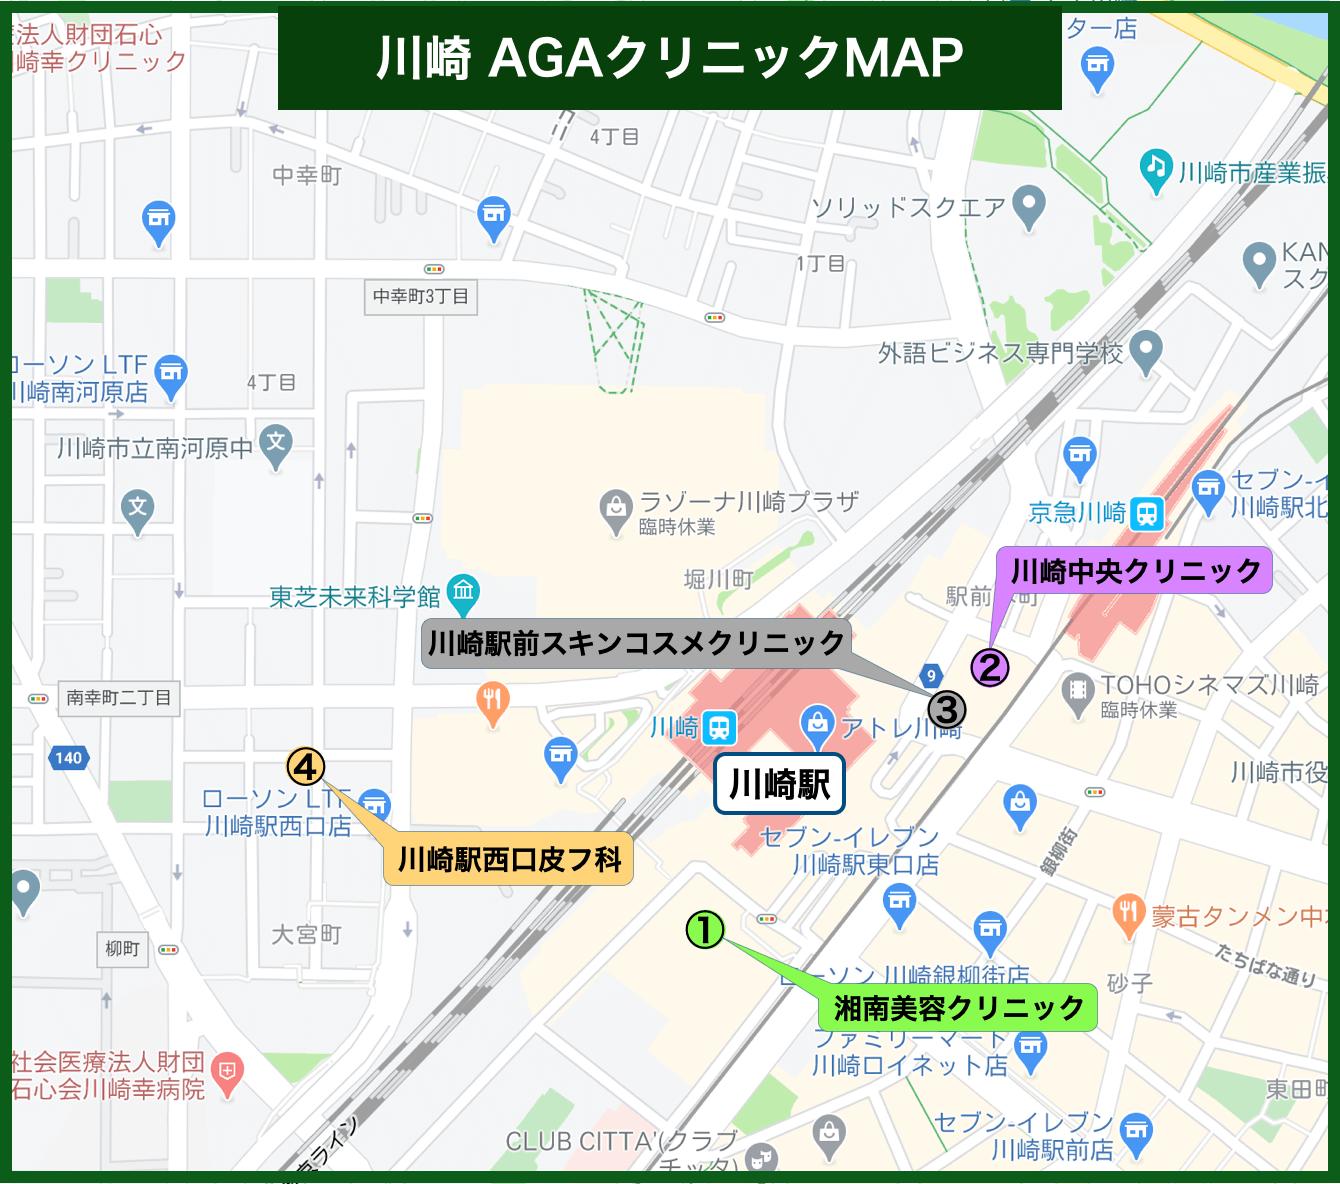 川崎 AGAクリニックMAP